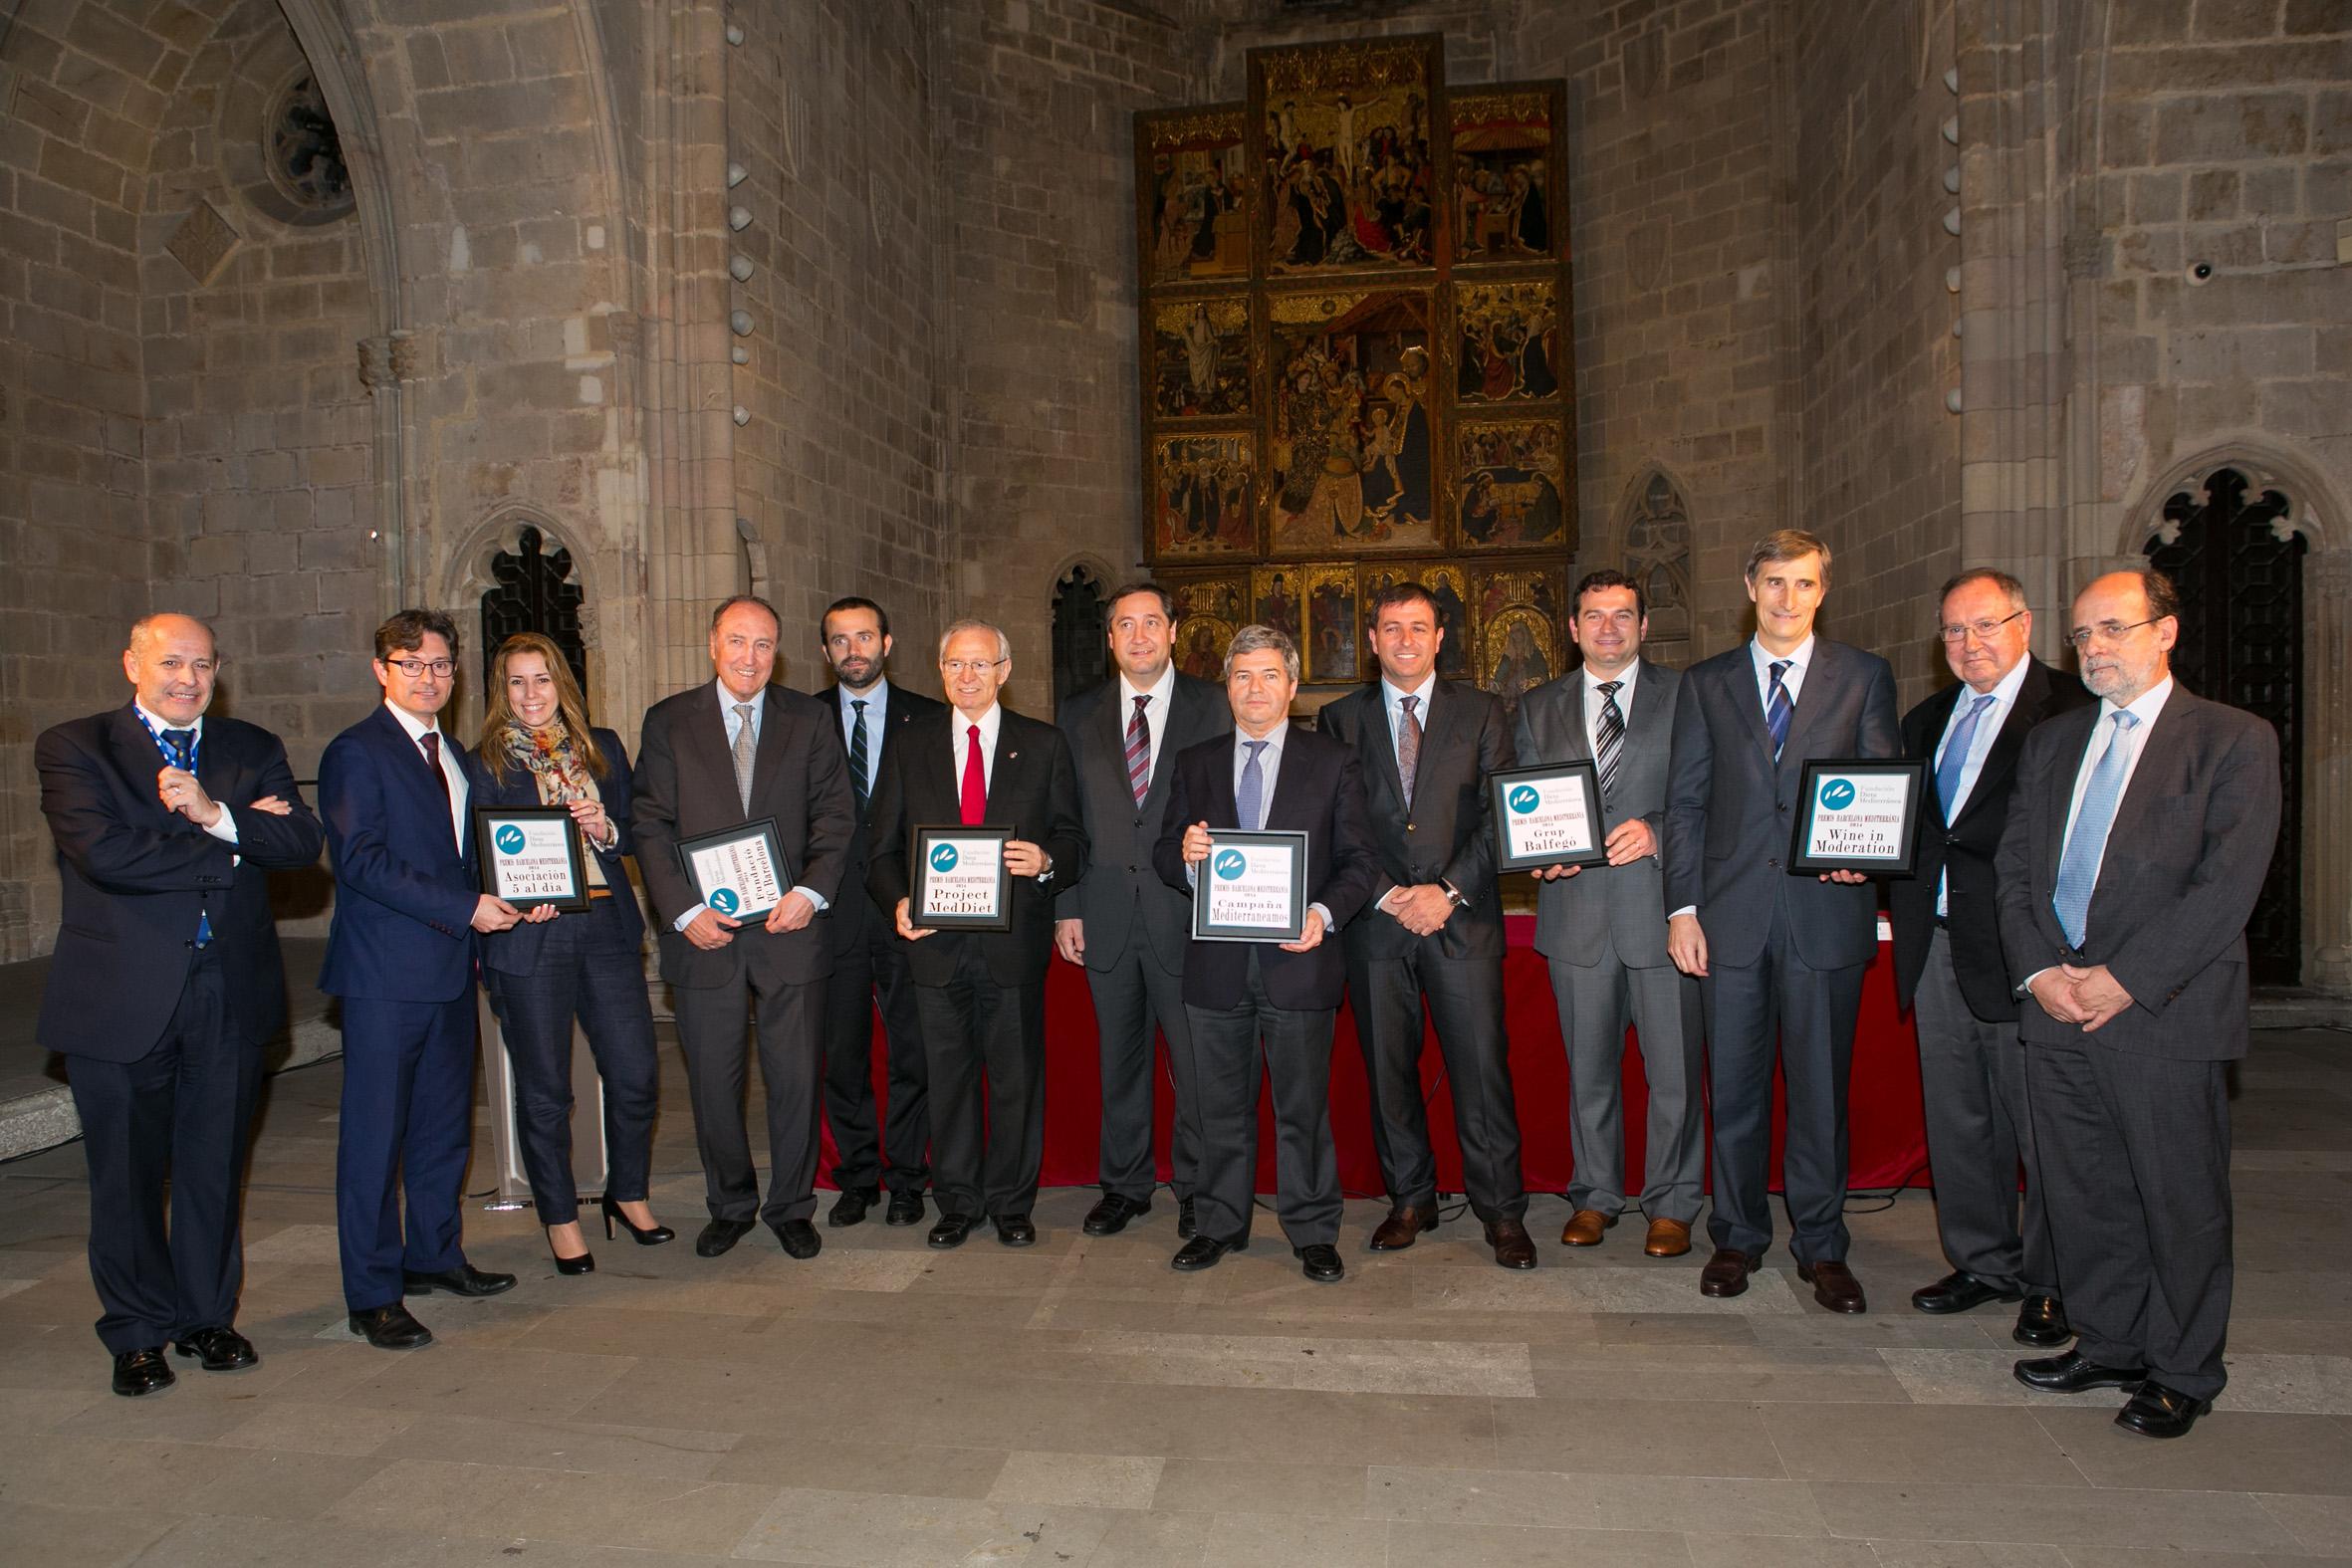 La Fundación Dieta Mediterránea celebra sus premios en colaboración con el Ayuntamiento de Barcelona